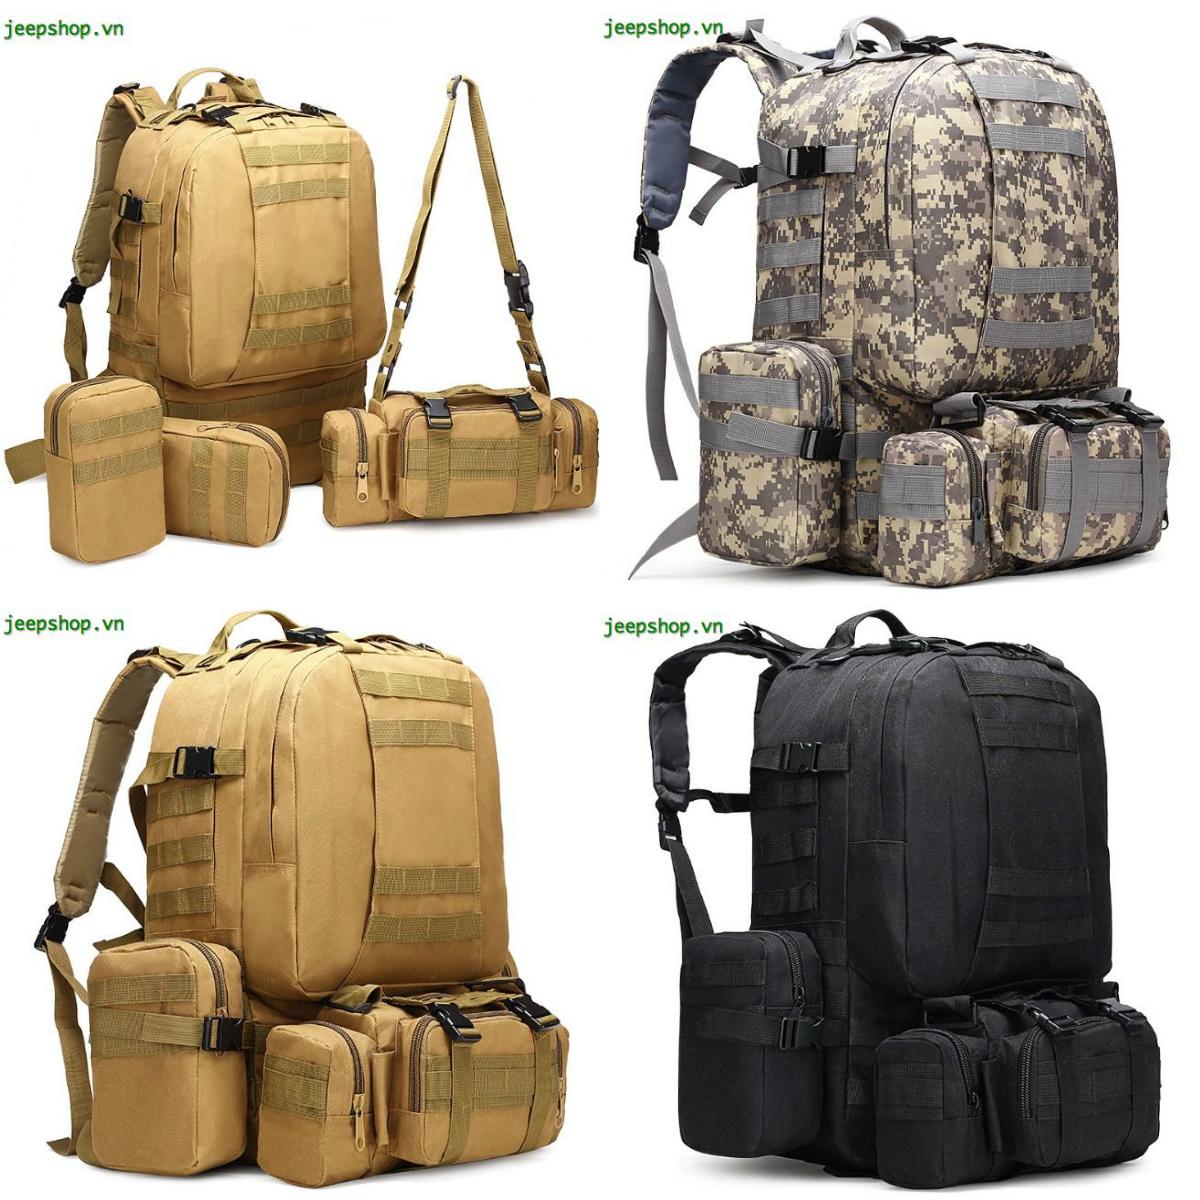 Chuyên cung cấp Ba lô , Túi đeo, Túi xách, Giày... phong cách lính - 5